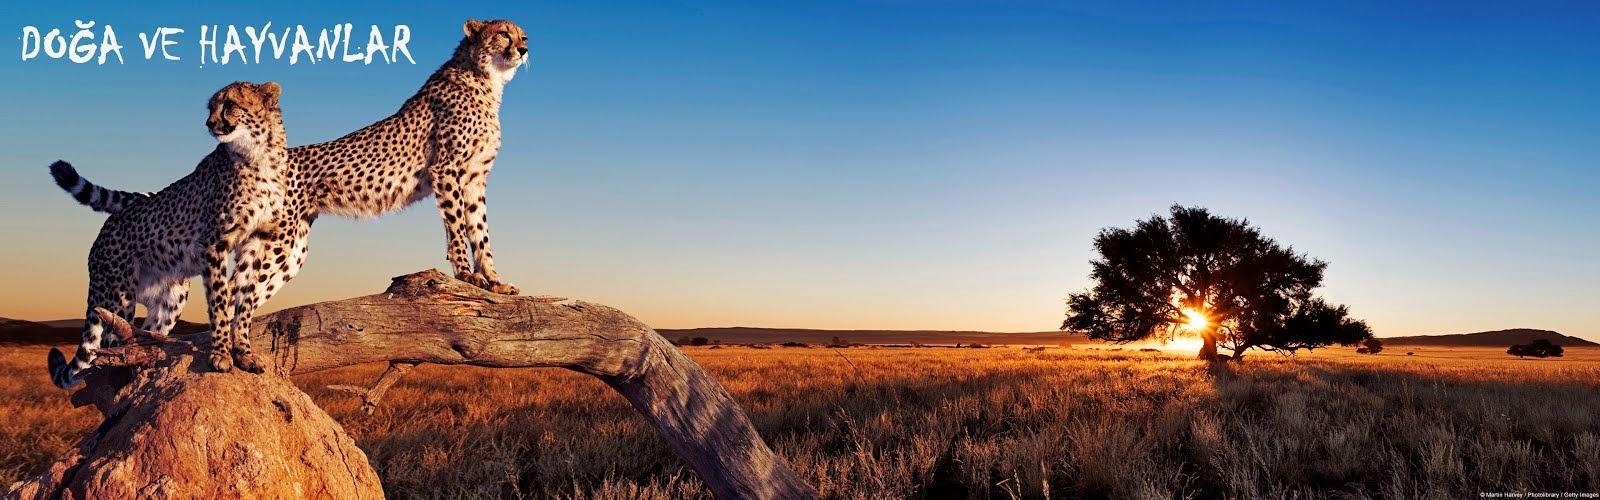 Doğa Ve Hayvanlar Kanguru Doğum Ani